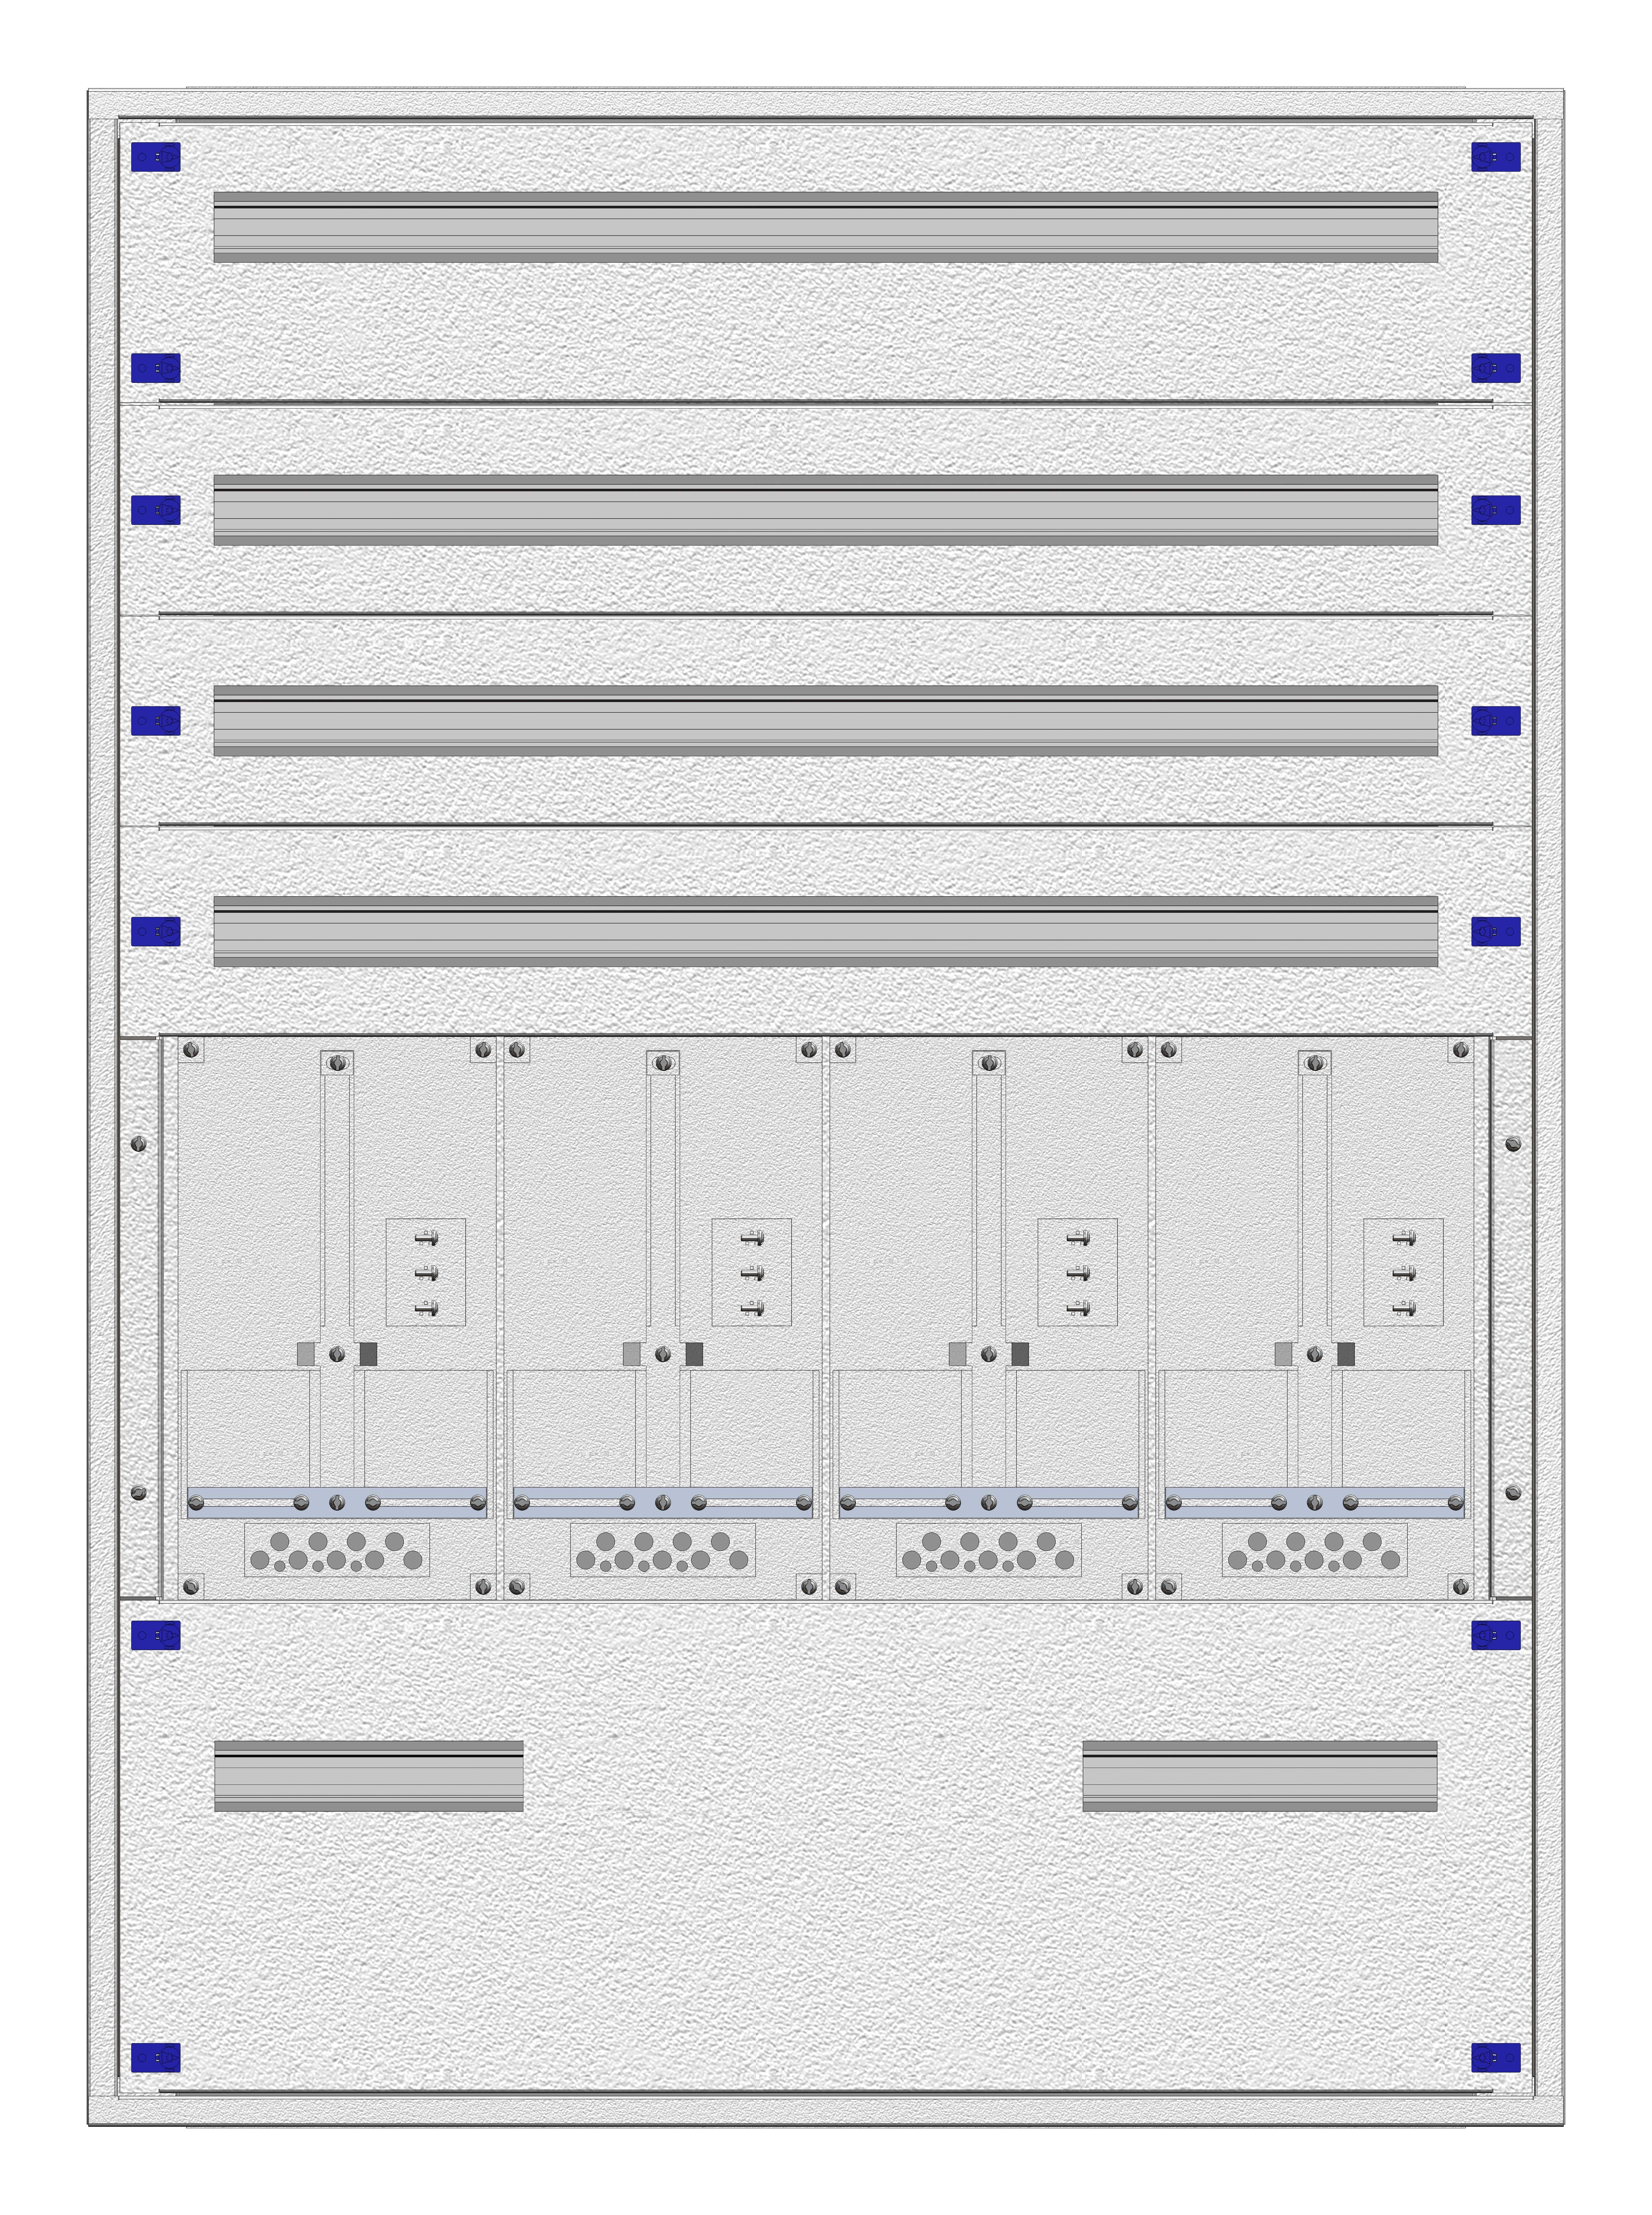 1 Stk Eco-UP-Verteiler 4U28 + Mauerwanne OÖ/SBG– RAL9016 IL864428-3